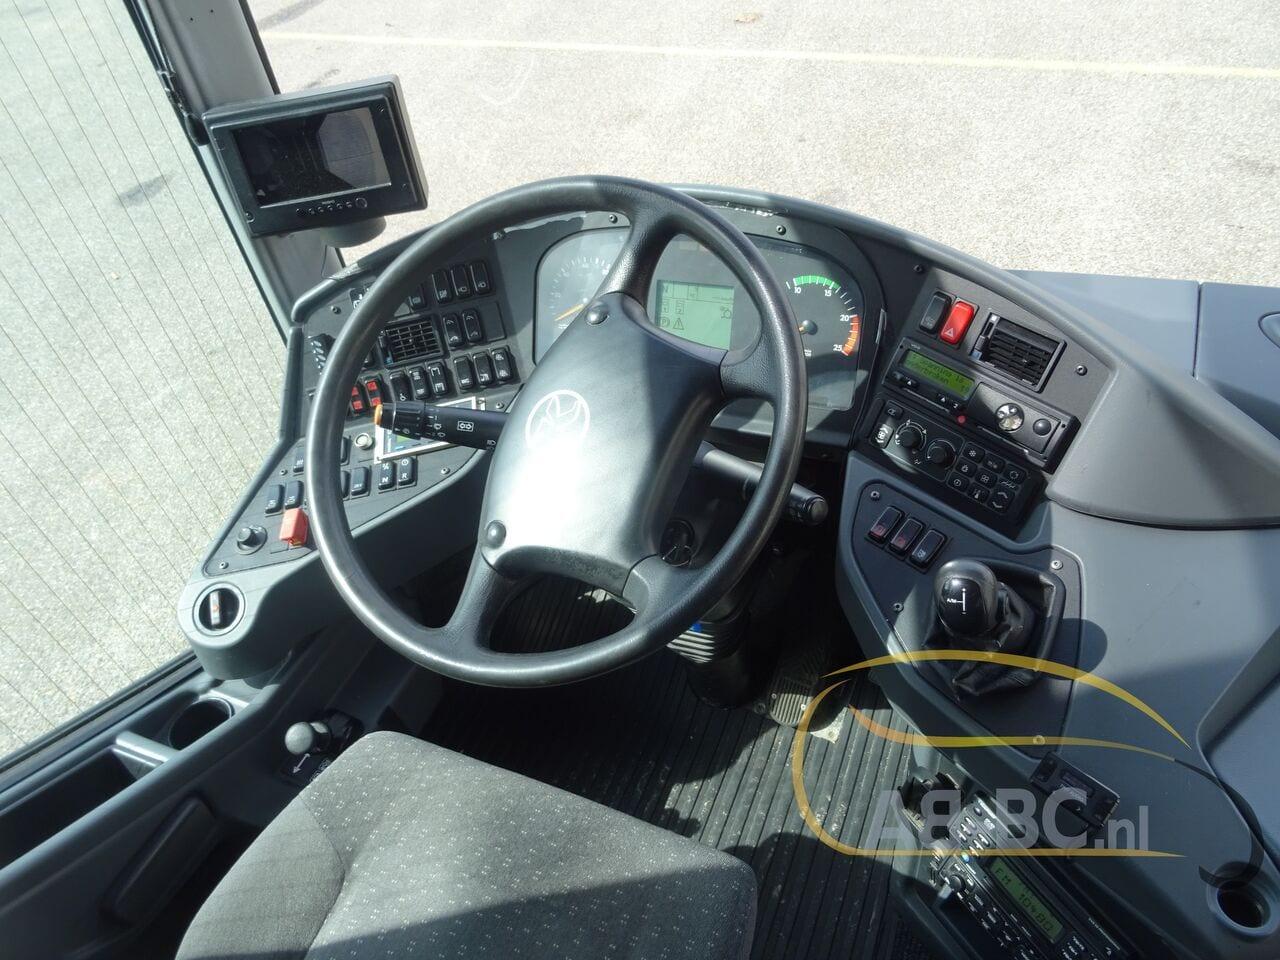 coach-busSETRA-S416H-48-SEATS-LIFTBUS---1620309744521471873_big_bbb8664af95444c0324ba7d7bdd47157--21050616581387095000